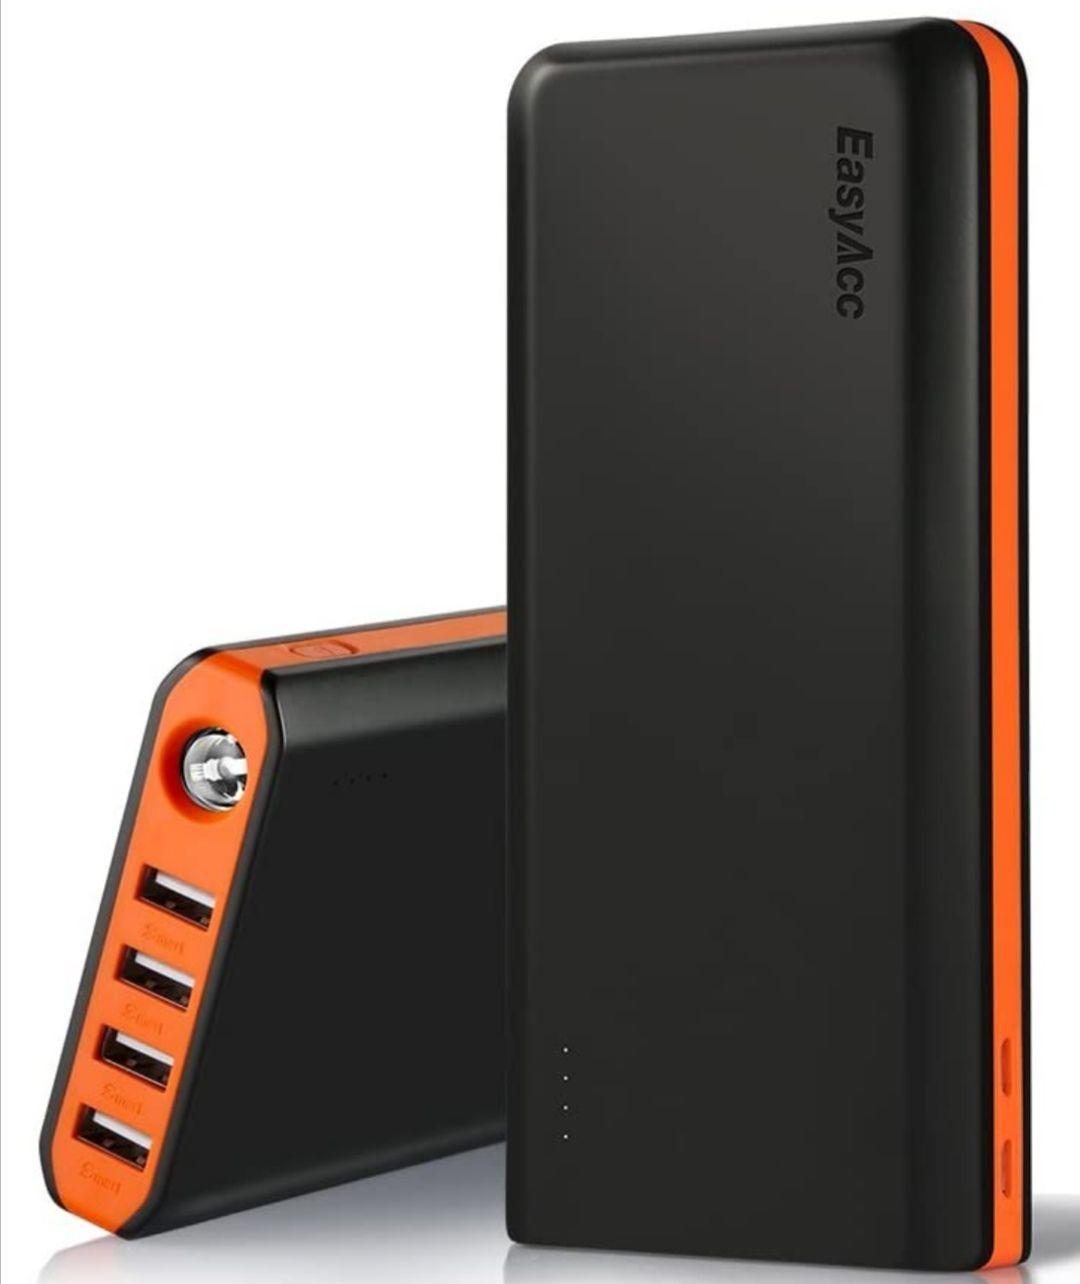 Batería Externa 20000mAh 4.8A 4 Puertos Salidas Carga Rápida. Con linterna.